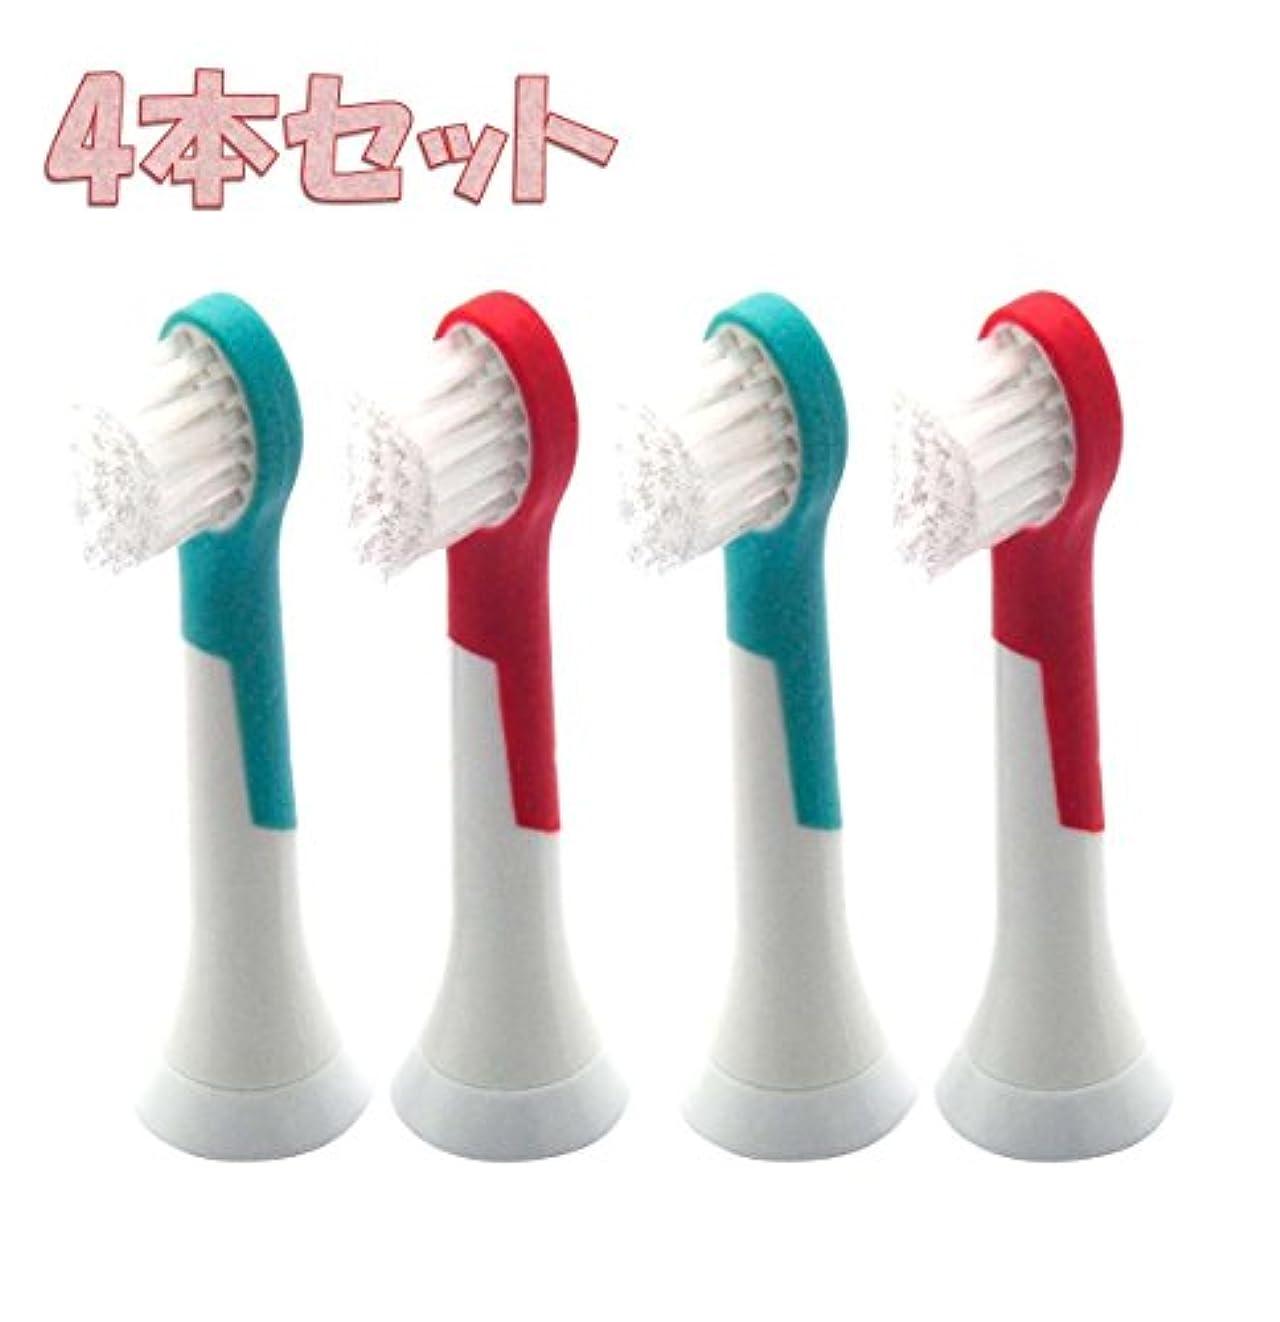 メトロポリタンプレビュー急襲HX6034 替え歯ブラシ 互換 4本セット PHILIPS フィリップス ソニッケアー キッズ 4才以上用